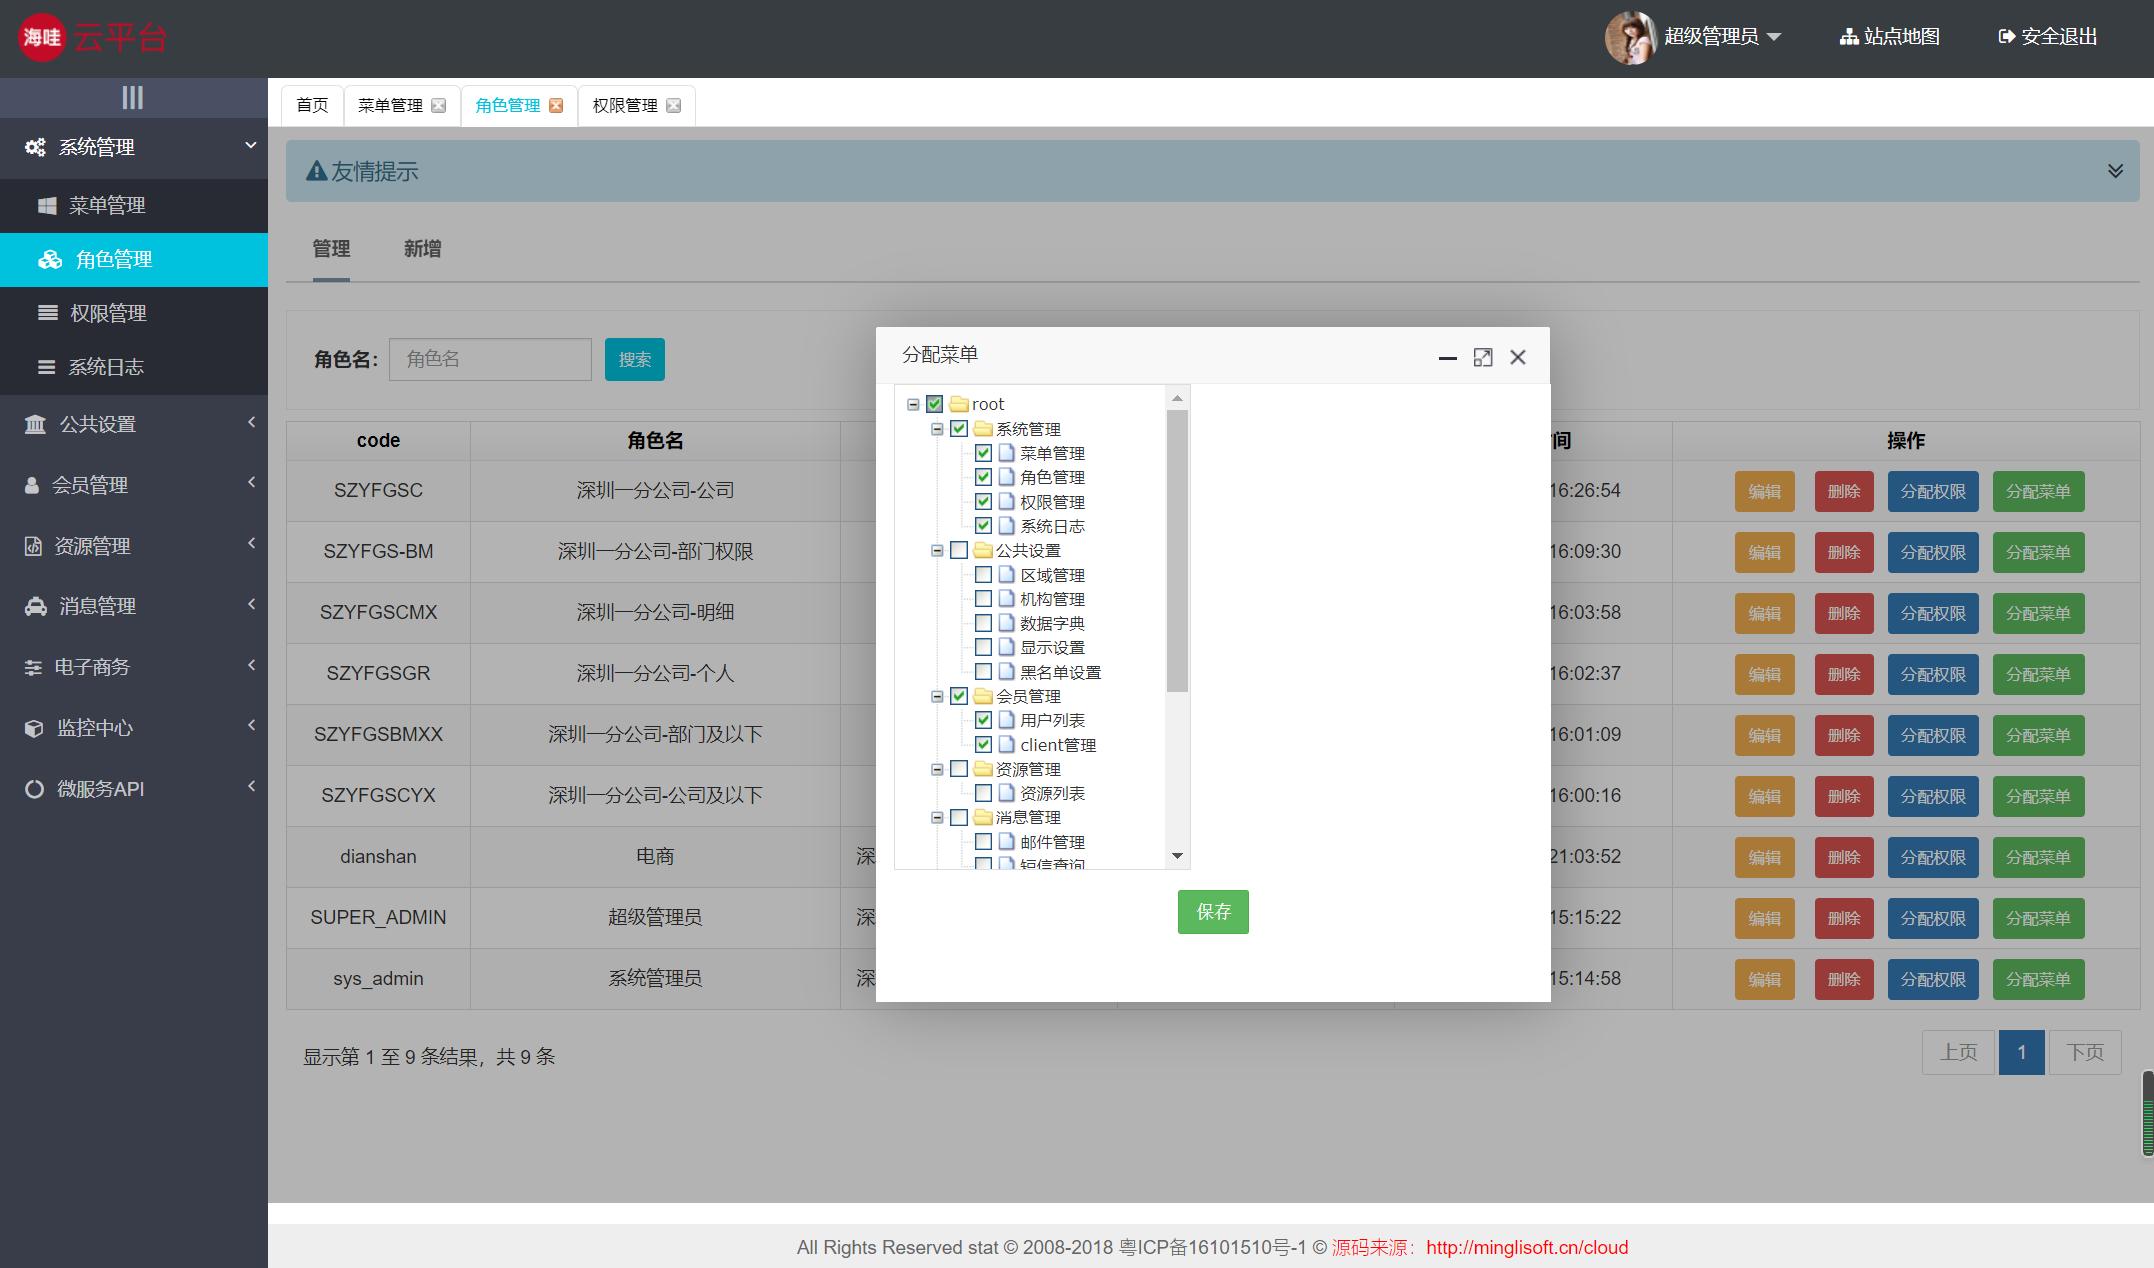 springcloud springboot2 分布式 微服务 快速开放架构 脚手架 后台管理平台